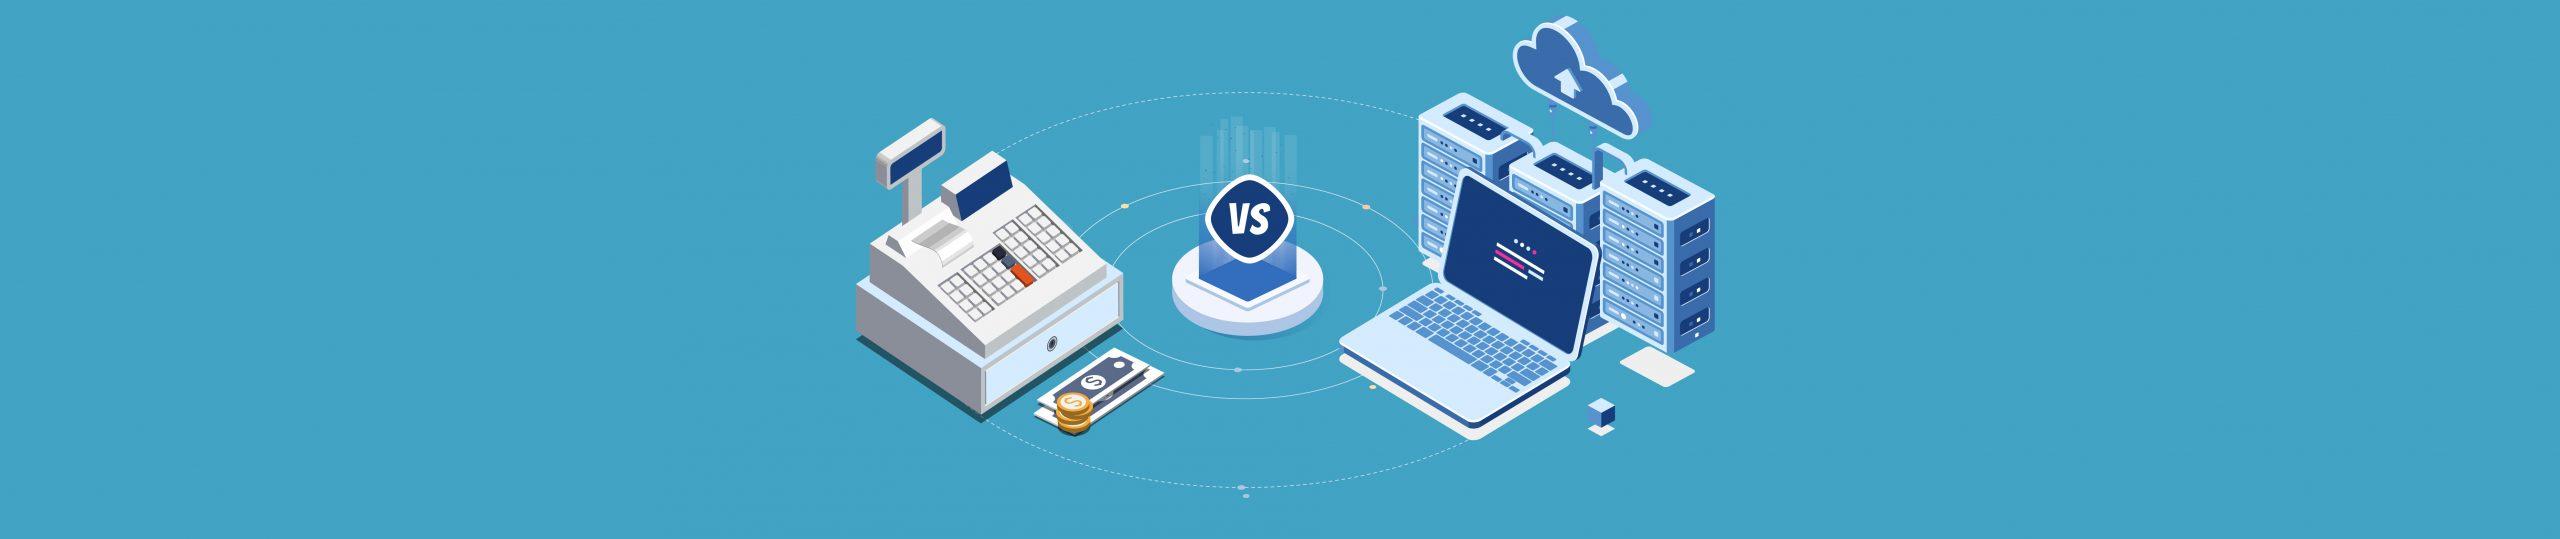 legacy pos vs cloud based pos